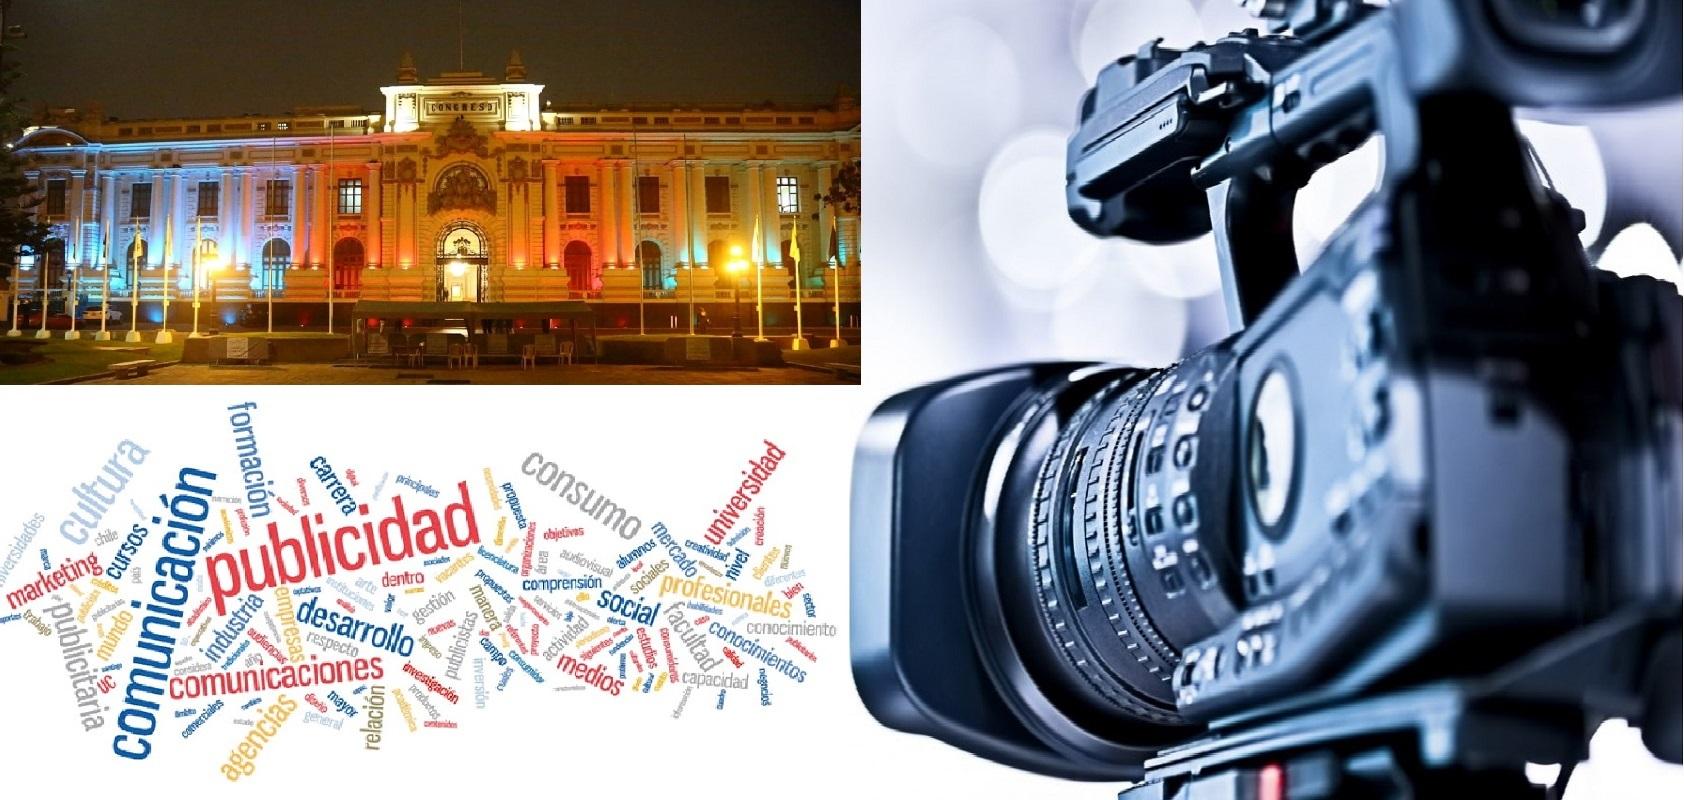 Congreso aprueba norma para distribuir la publicidad estatal en medios de comunicación de provincias.